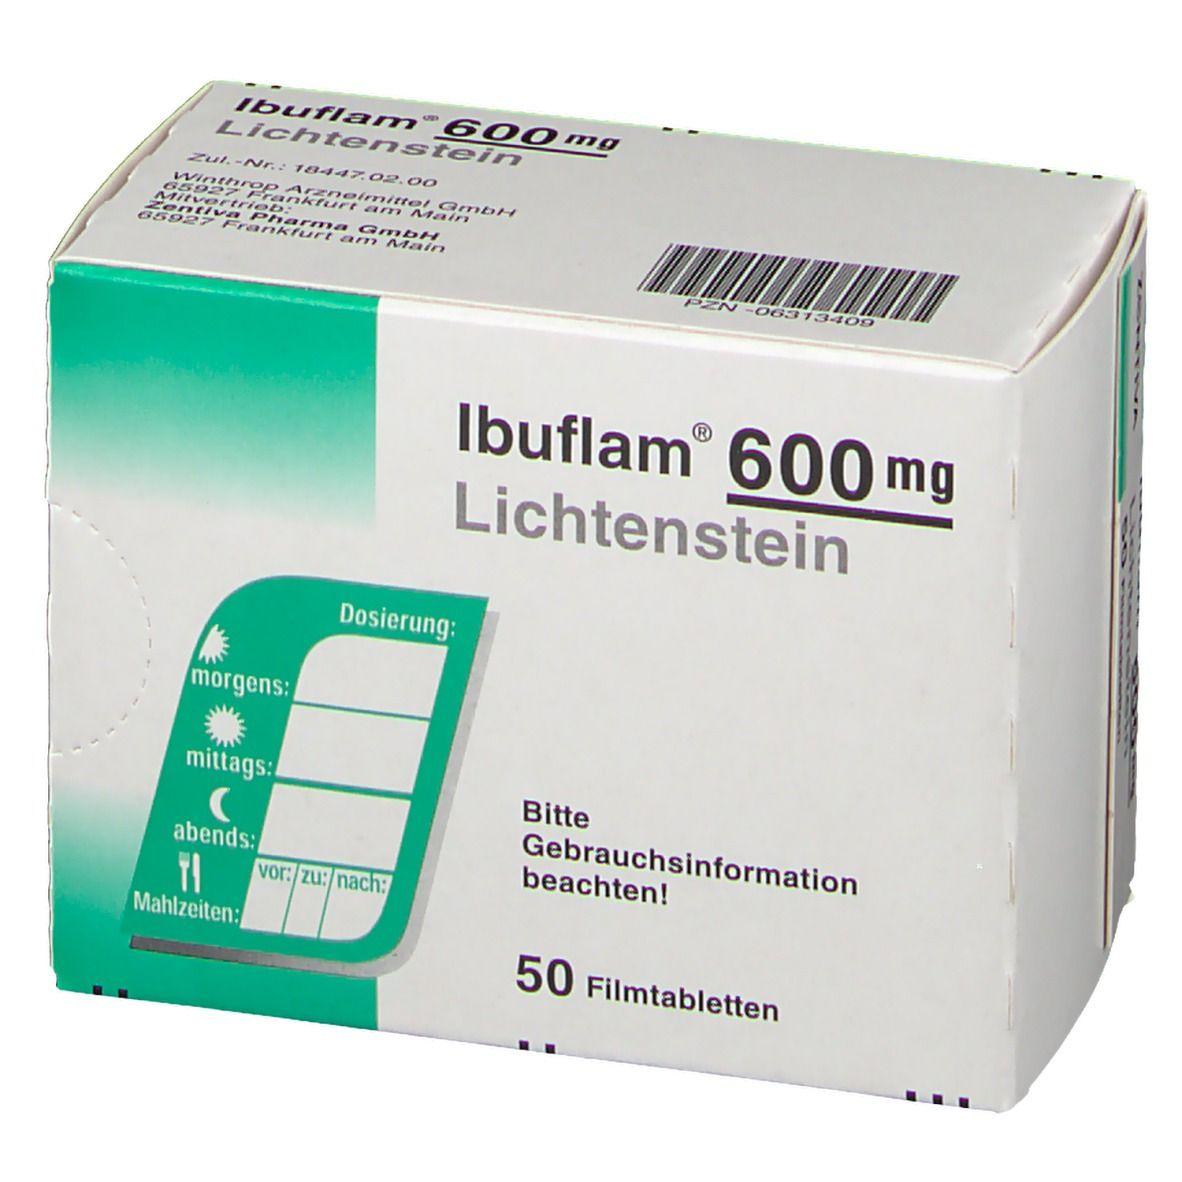 ibuflam 600 für was